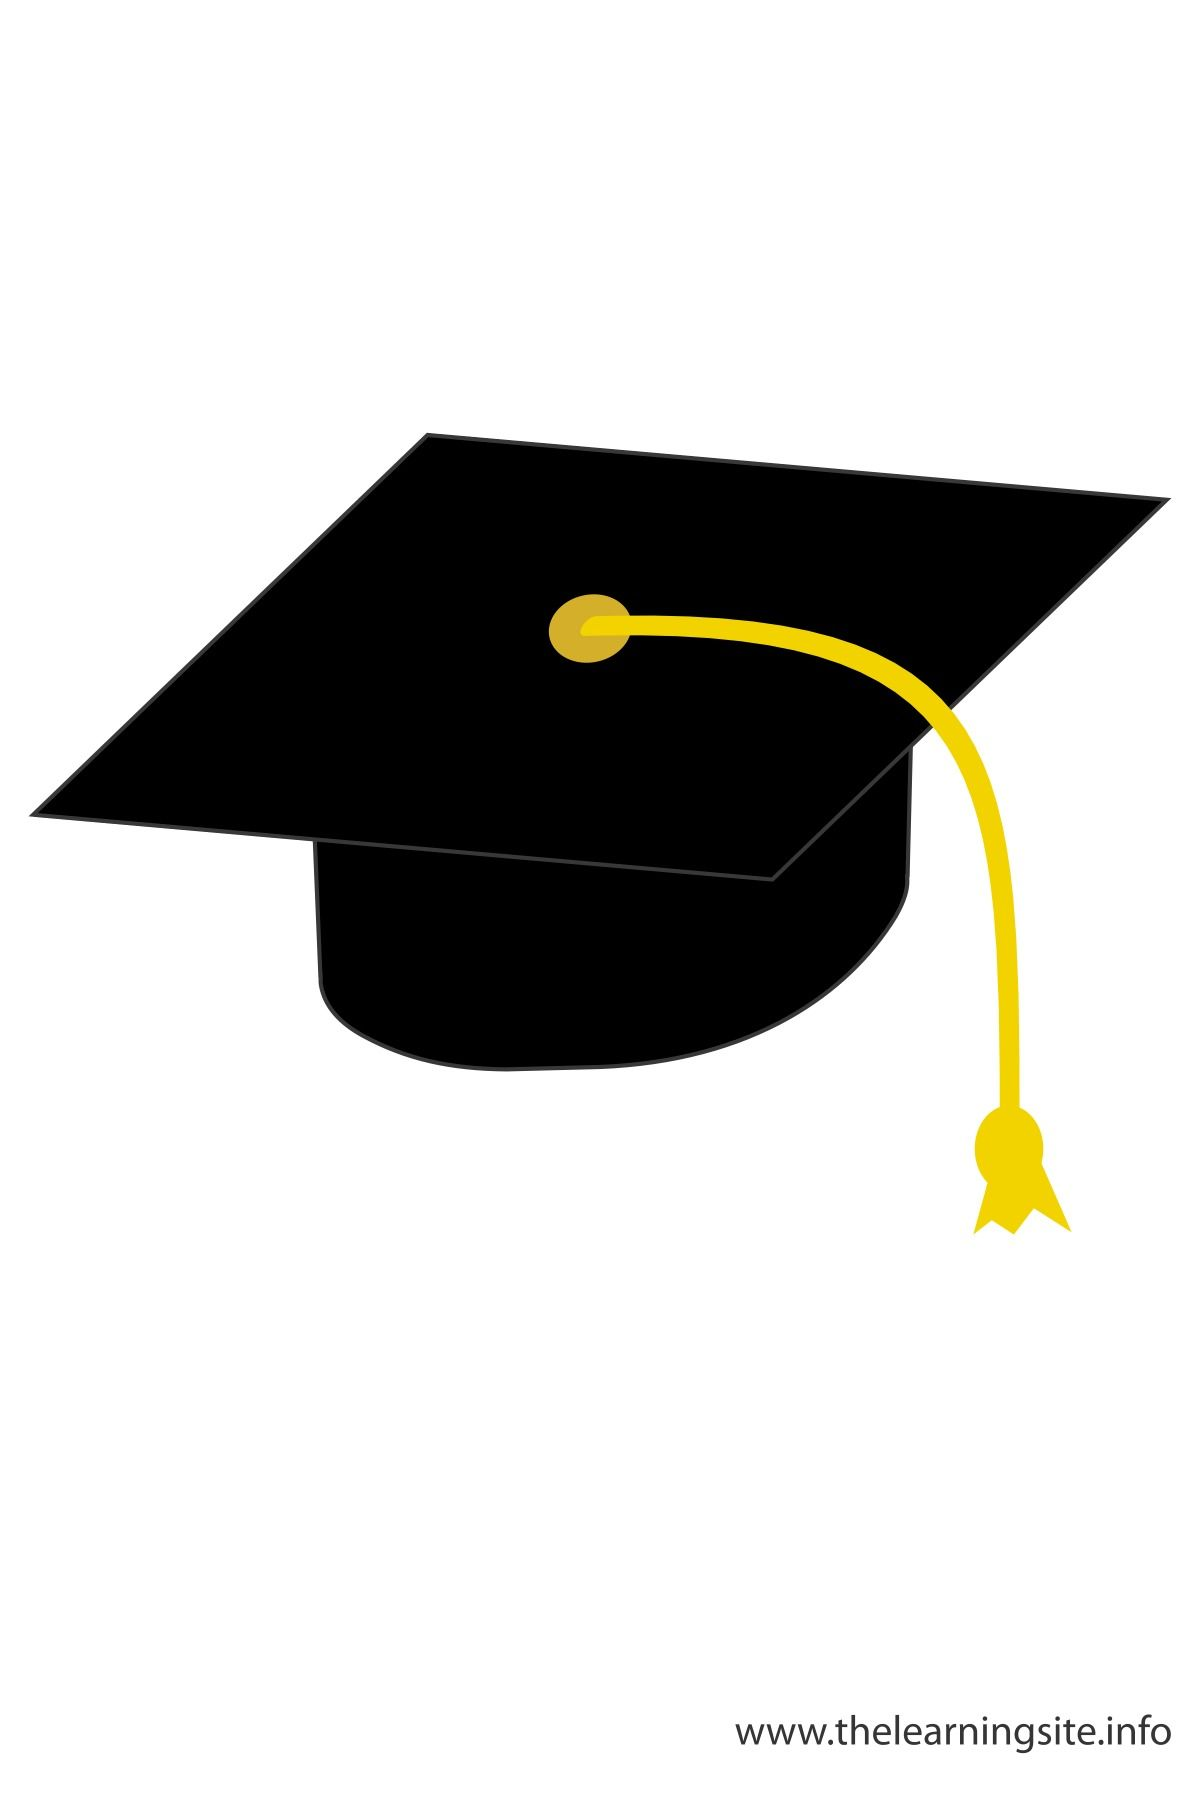 Graduation cap graduation class of 6 clipart clipart kid.